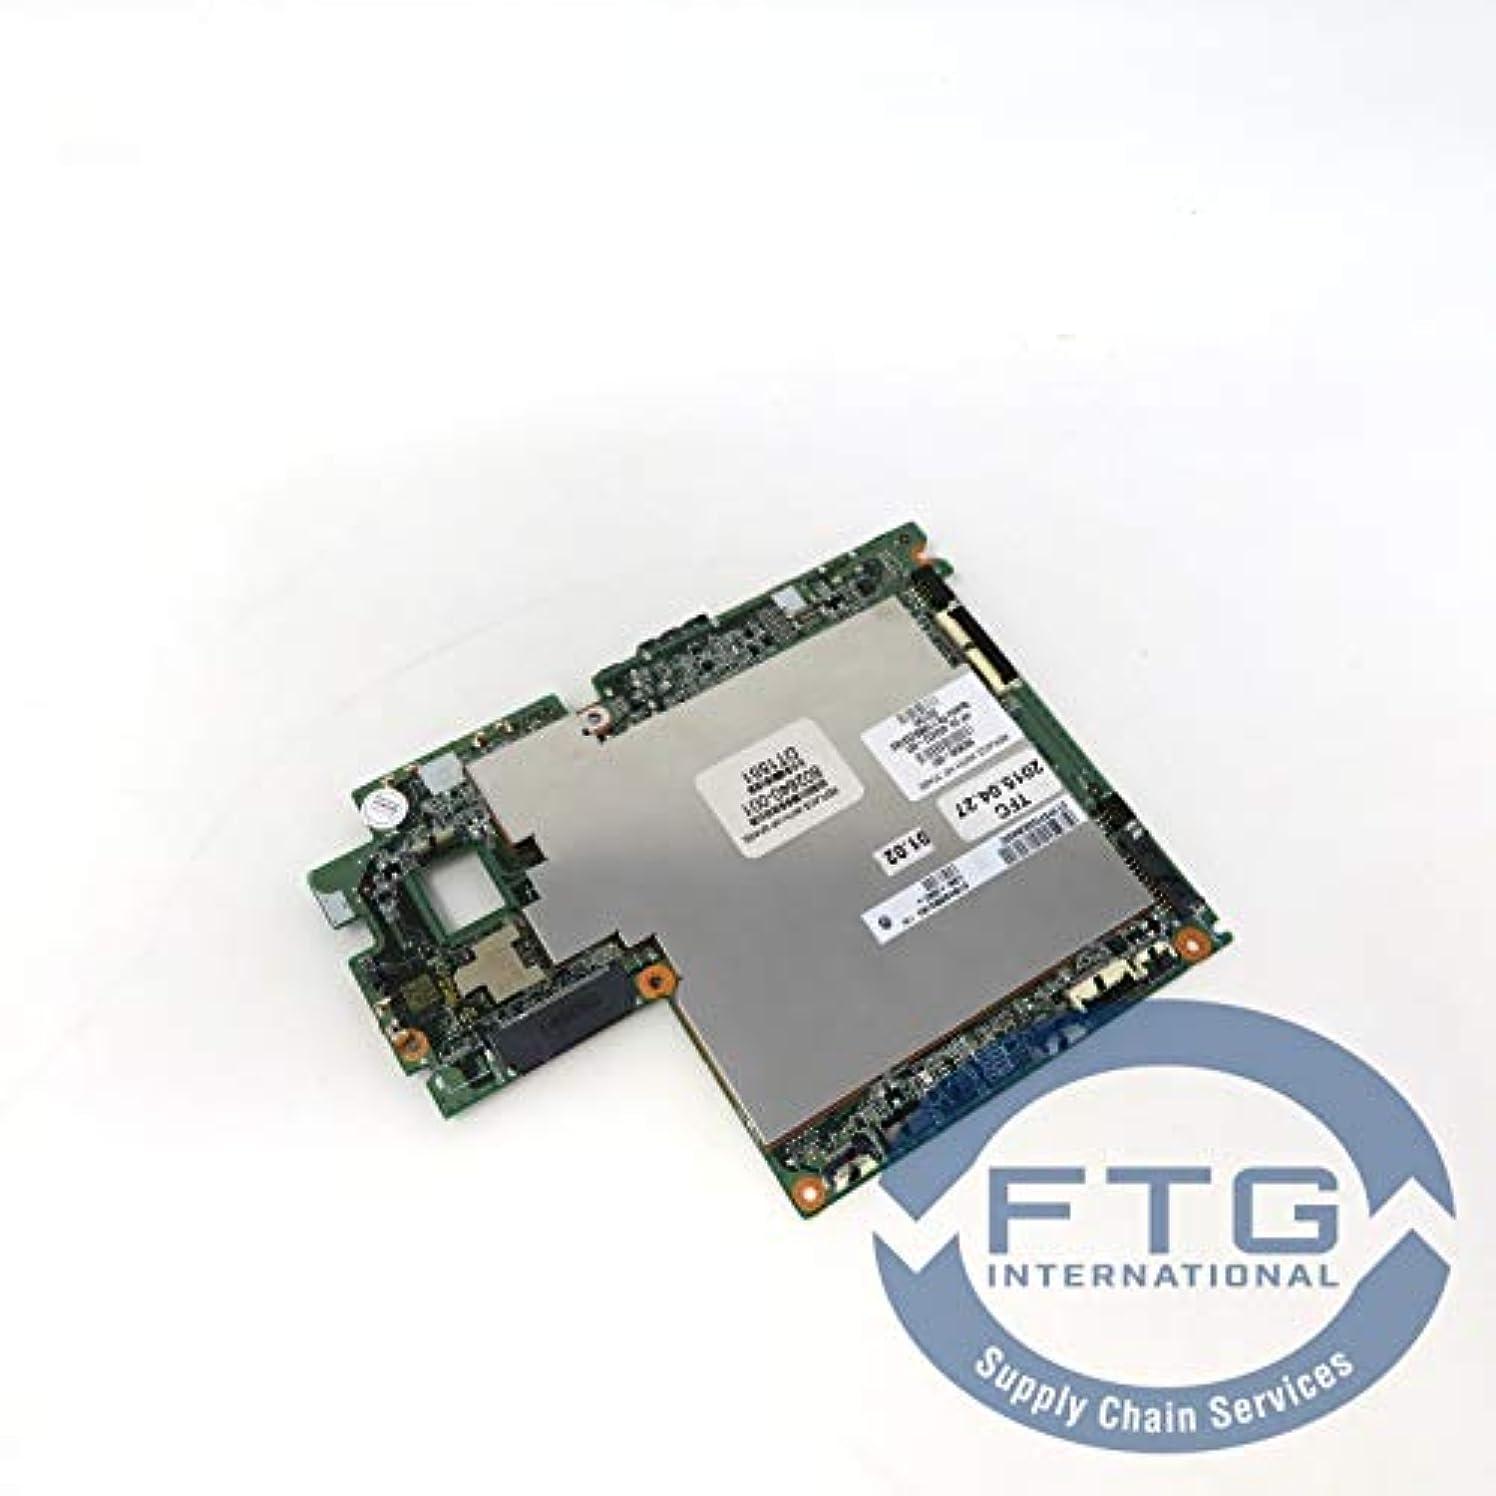 チャップ神聖入るFTG International 802840-001/803432-001 システムボード (マザーボード) - Intel Atom Z373付属